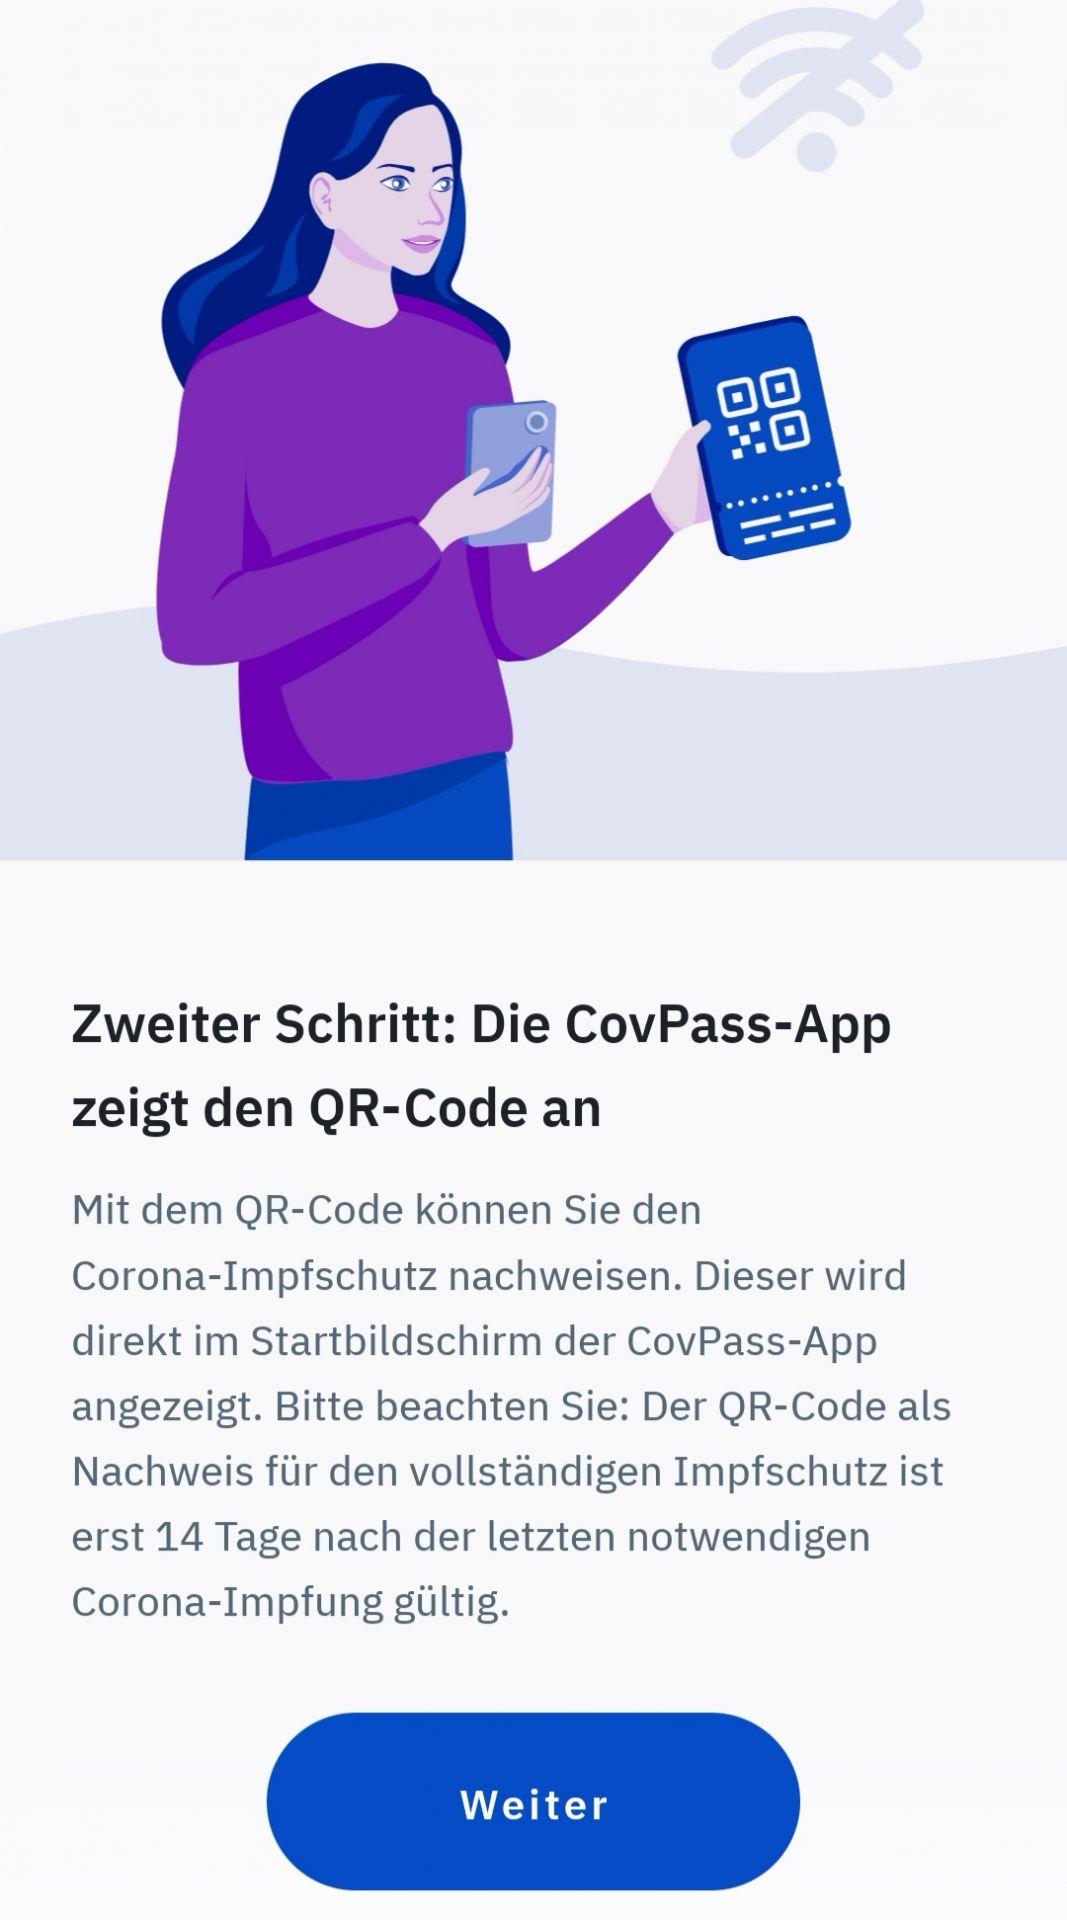 Danach taucht der Nachweis direkt auf dem Startbildschirm der App auf.